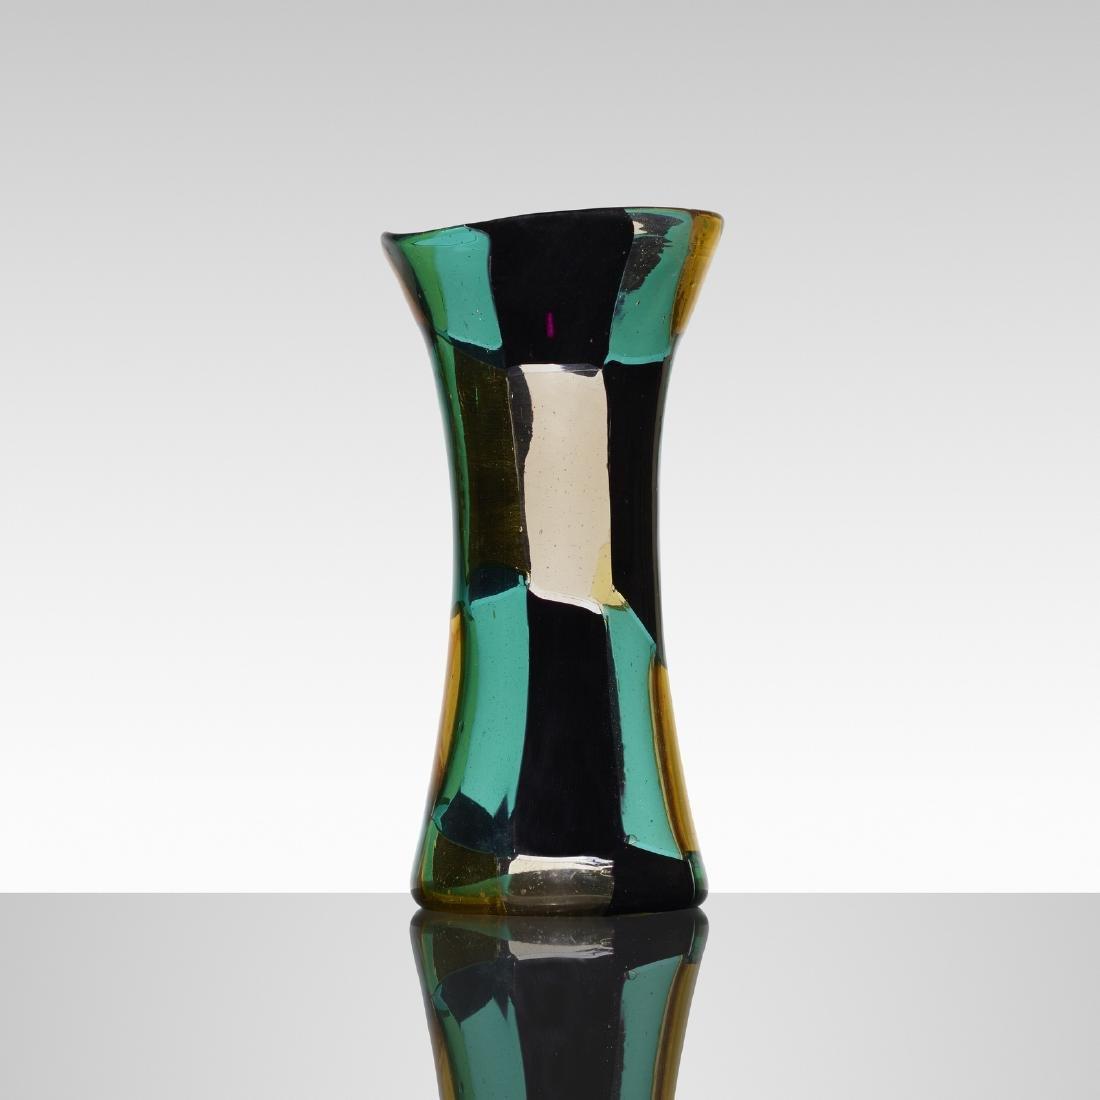 Fulvio Bianconi, Pezzato Americano vase, model 4398 - 2